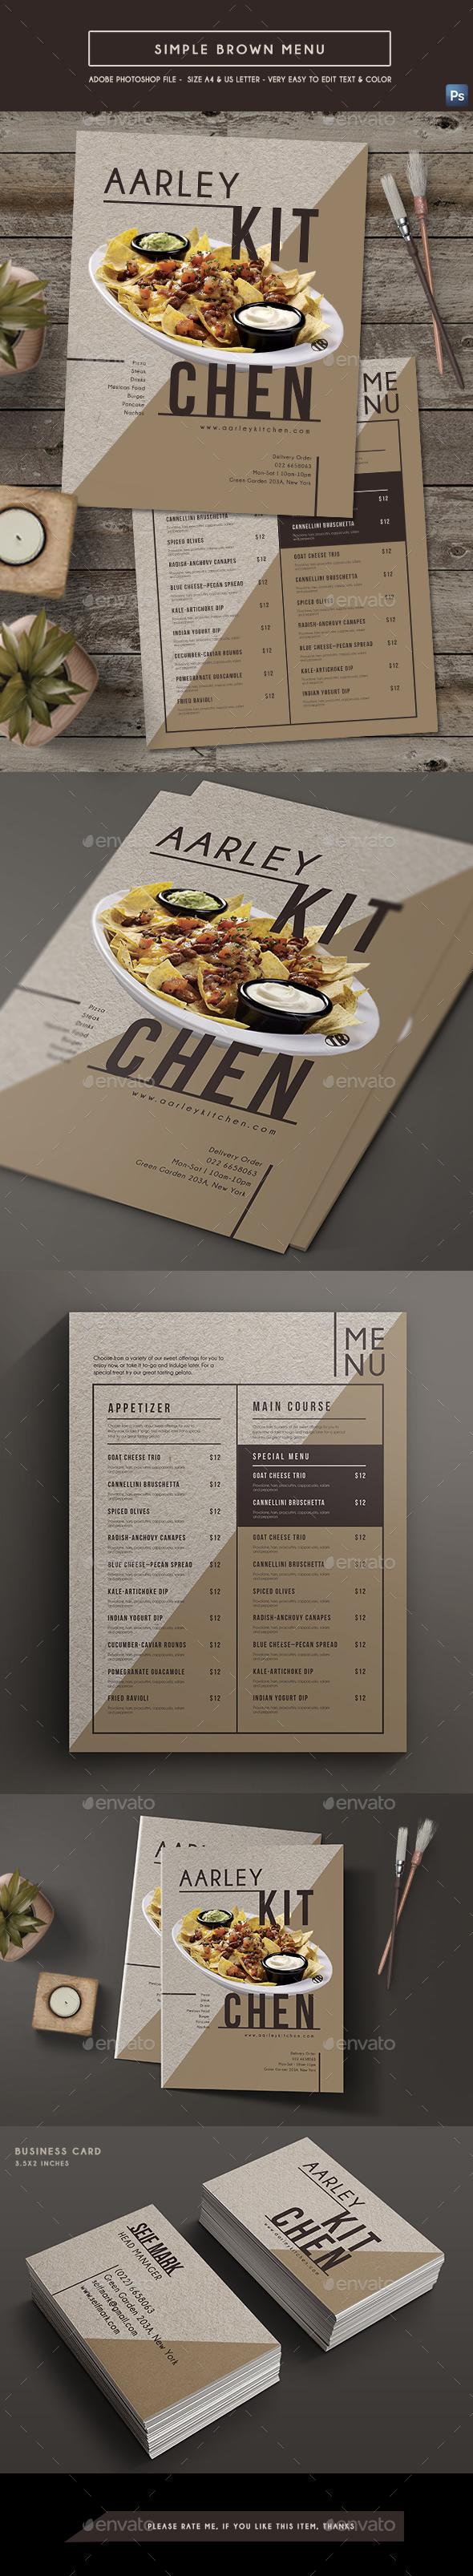 Simple Brown Menu - Food Menus Print Templates